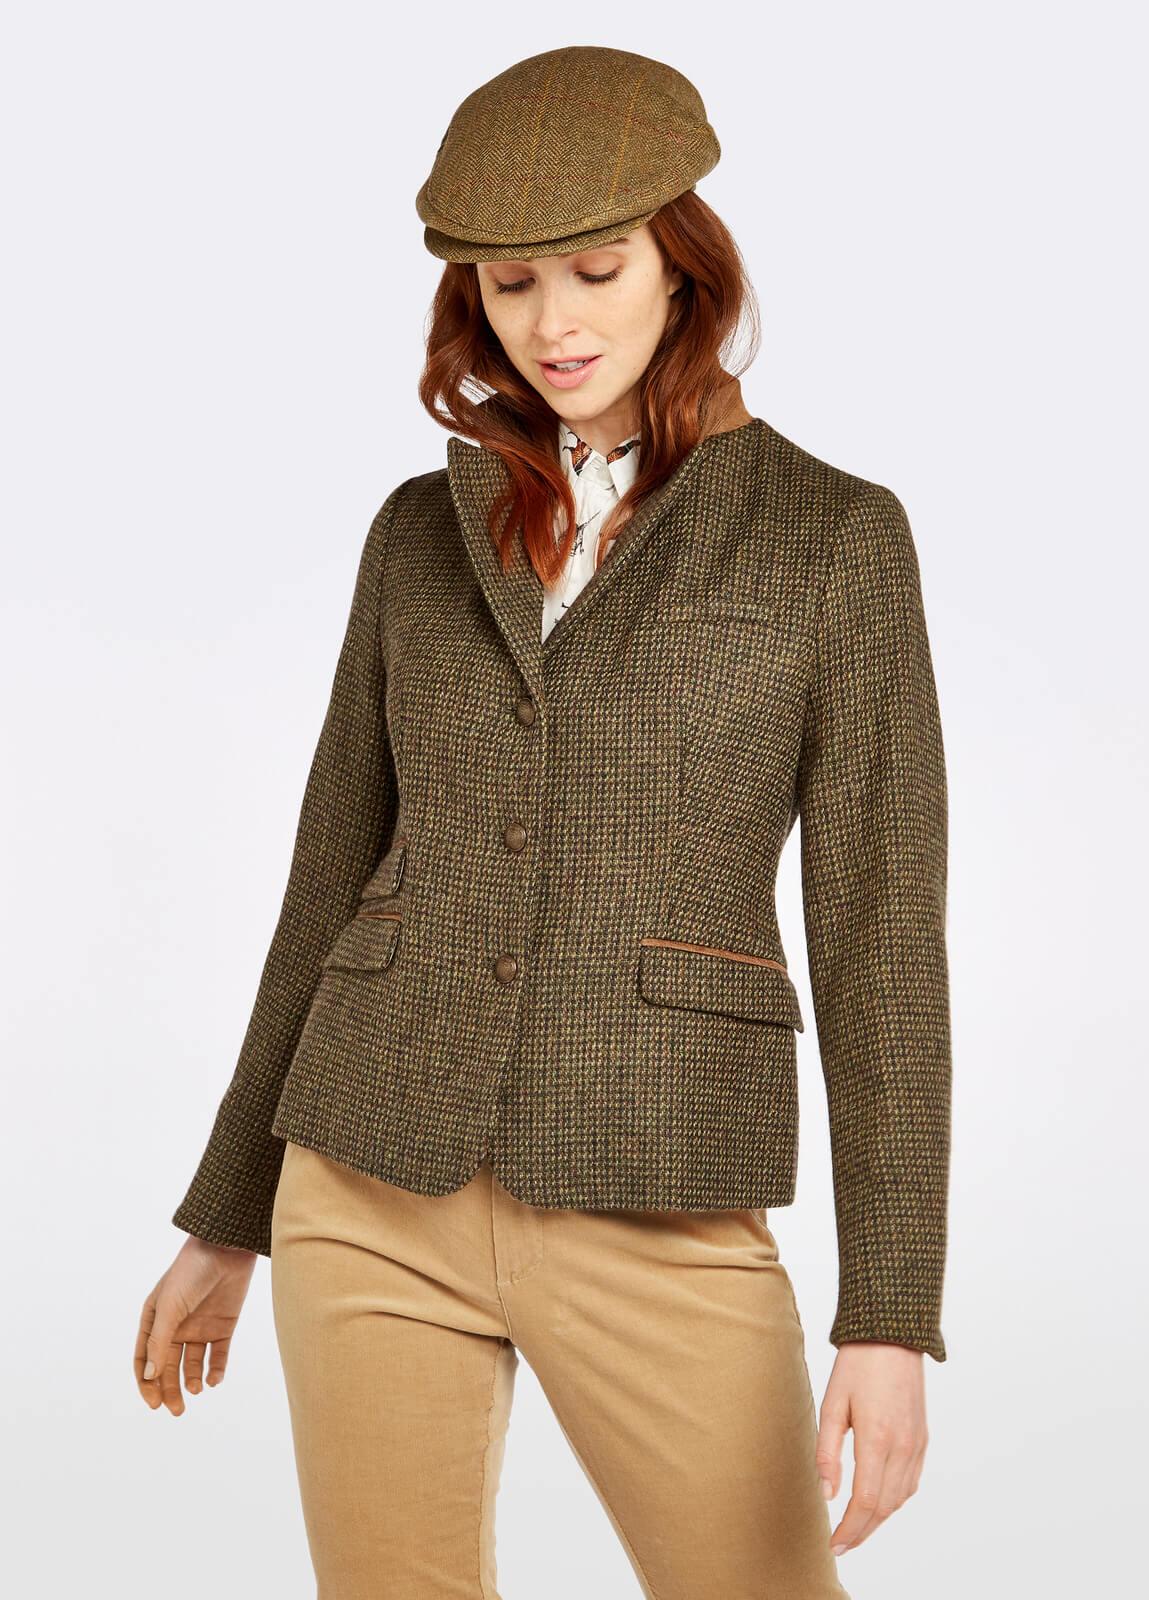 Dubarry_Buttercup_Tweed_Jacket_Heath_on_model